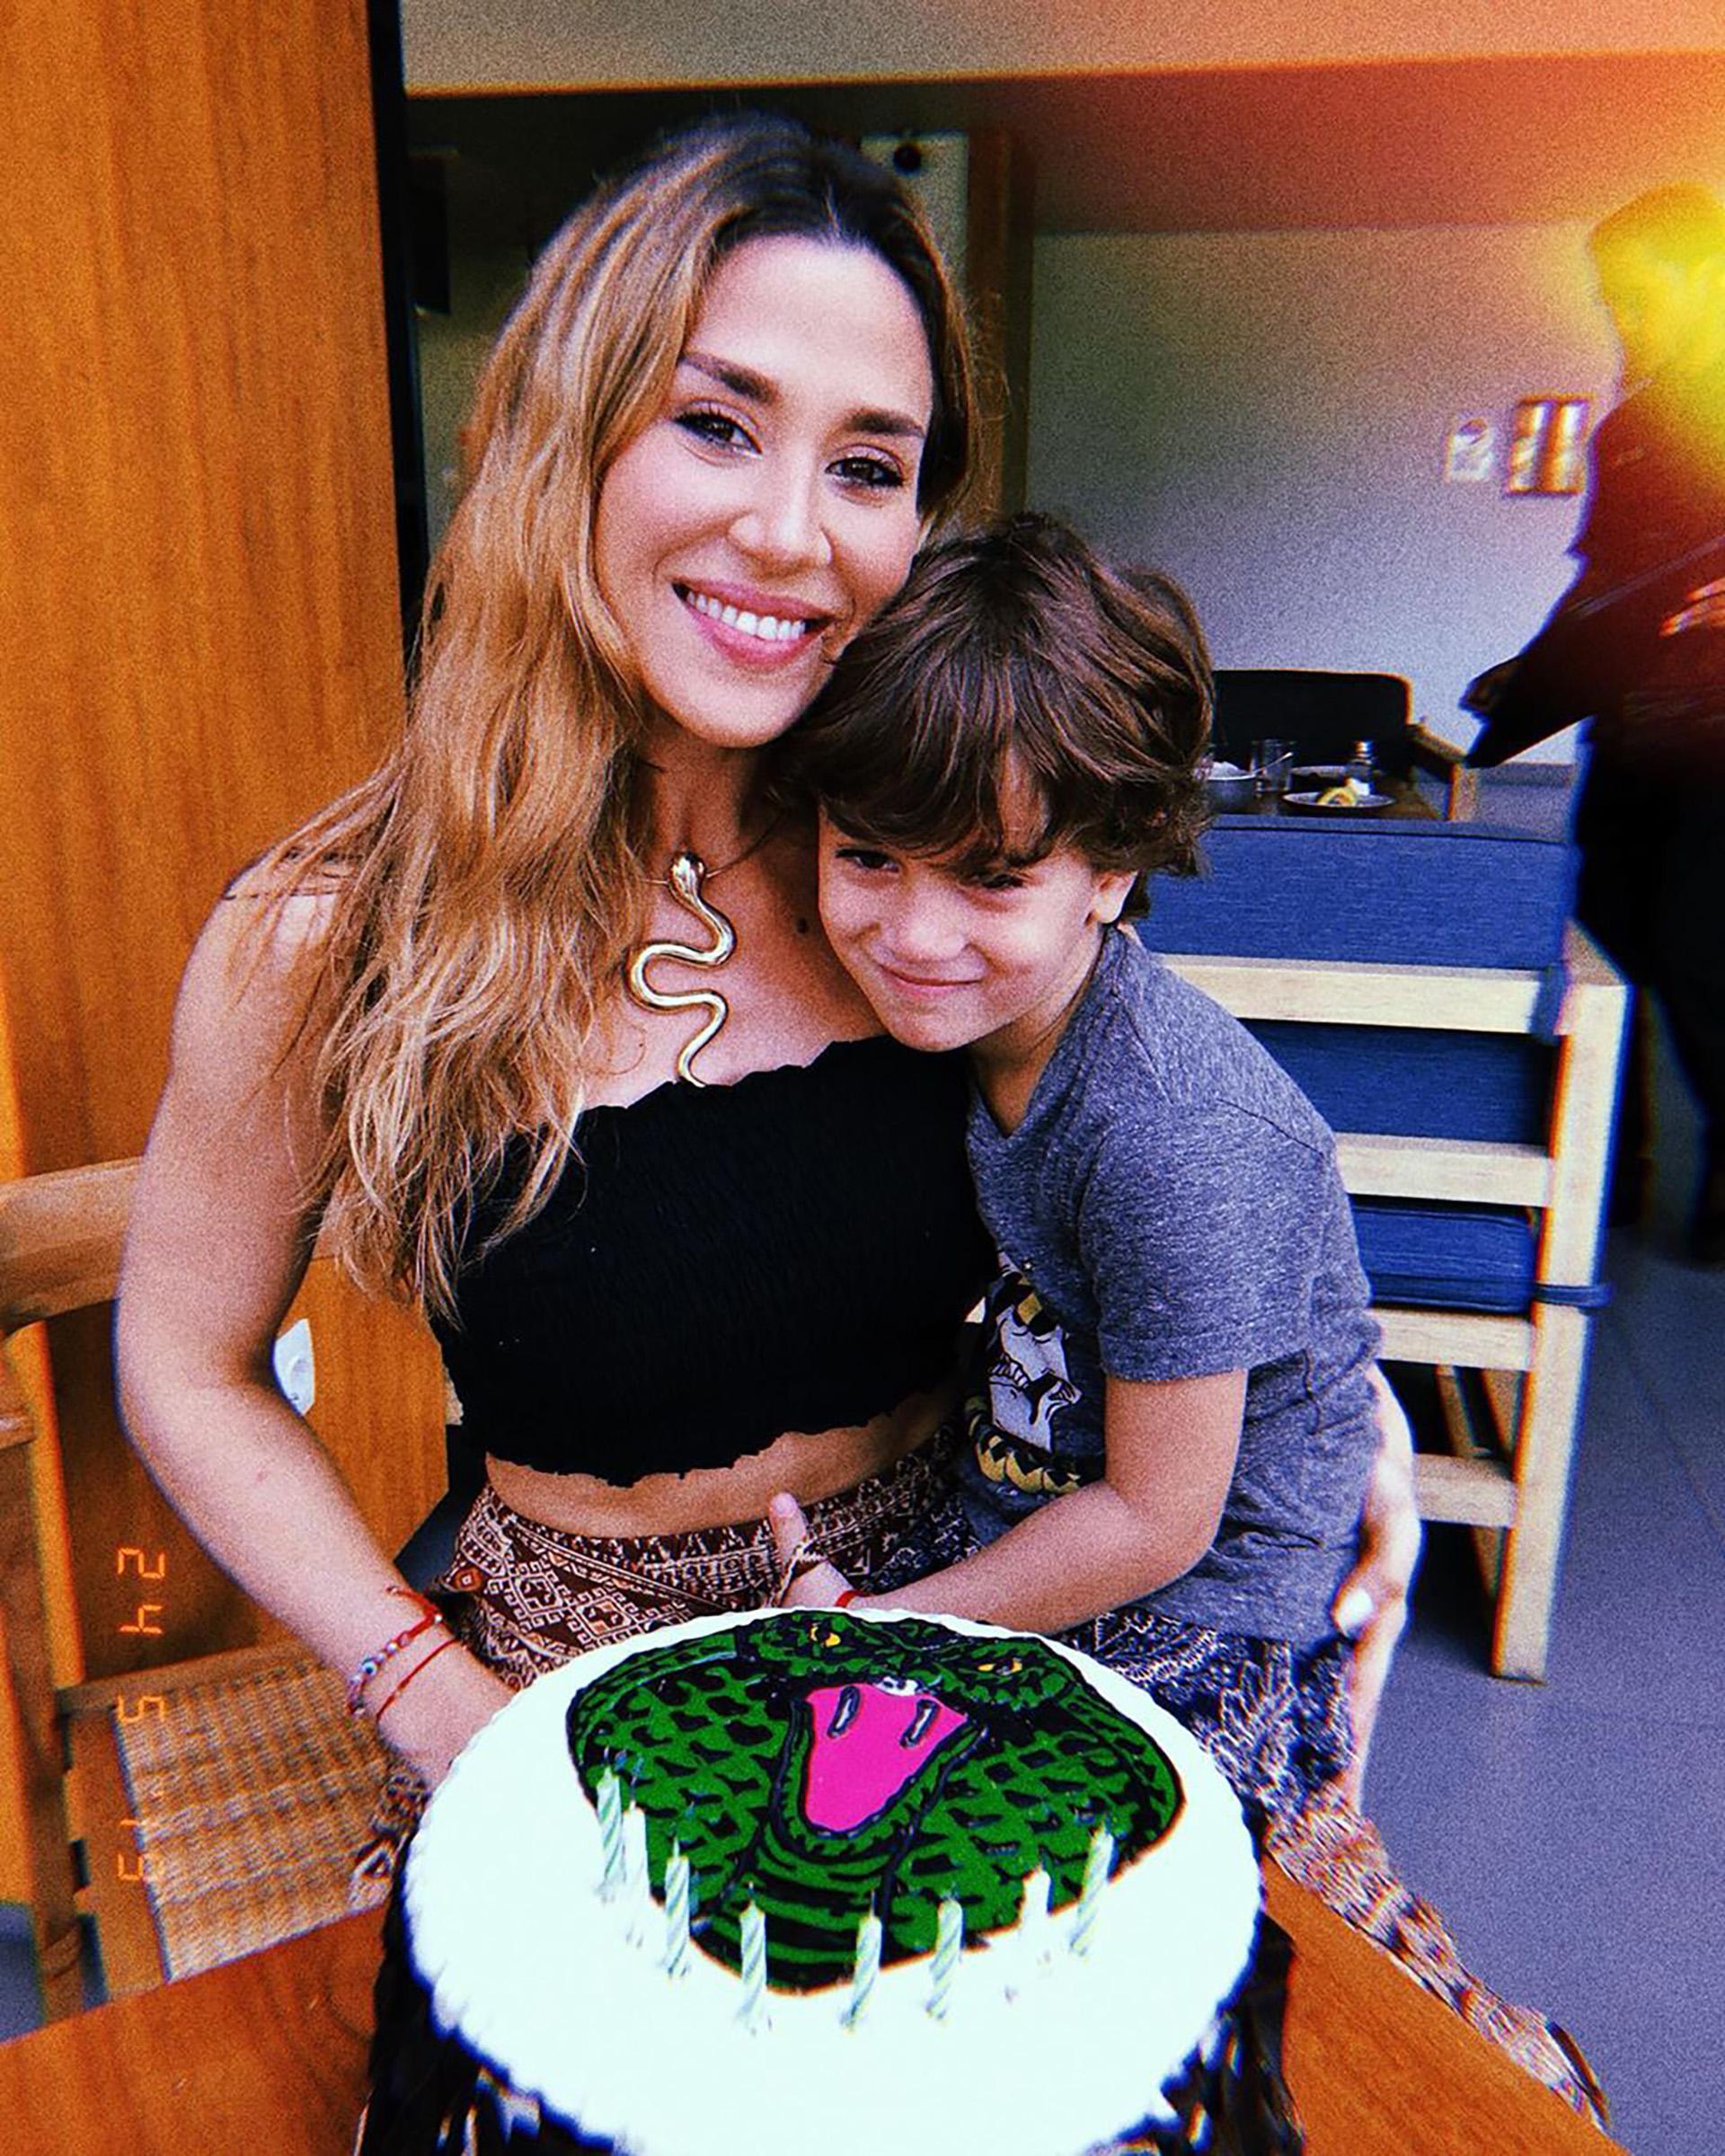 """Jimena Barón festejó sus 32 años en Indonesia acompañada por su hijo, Momo. TambiénconMarley y Mirko, ya que están rodando """"Por el mundo"""" en Bali (Foto: Instagram)"""